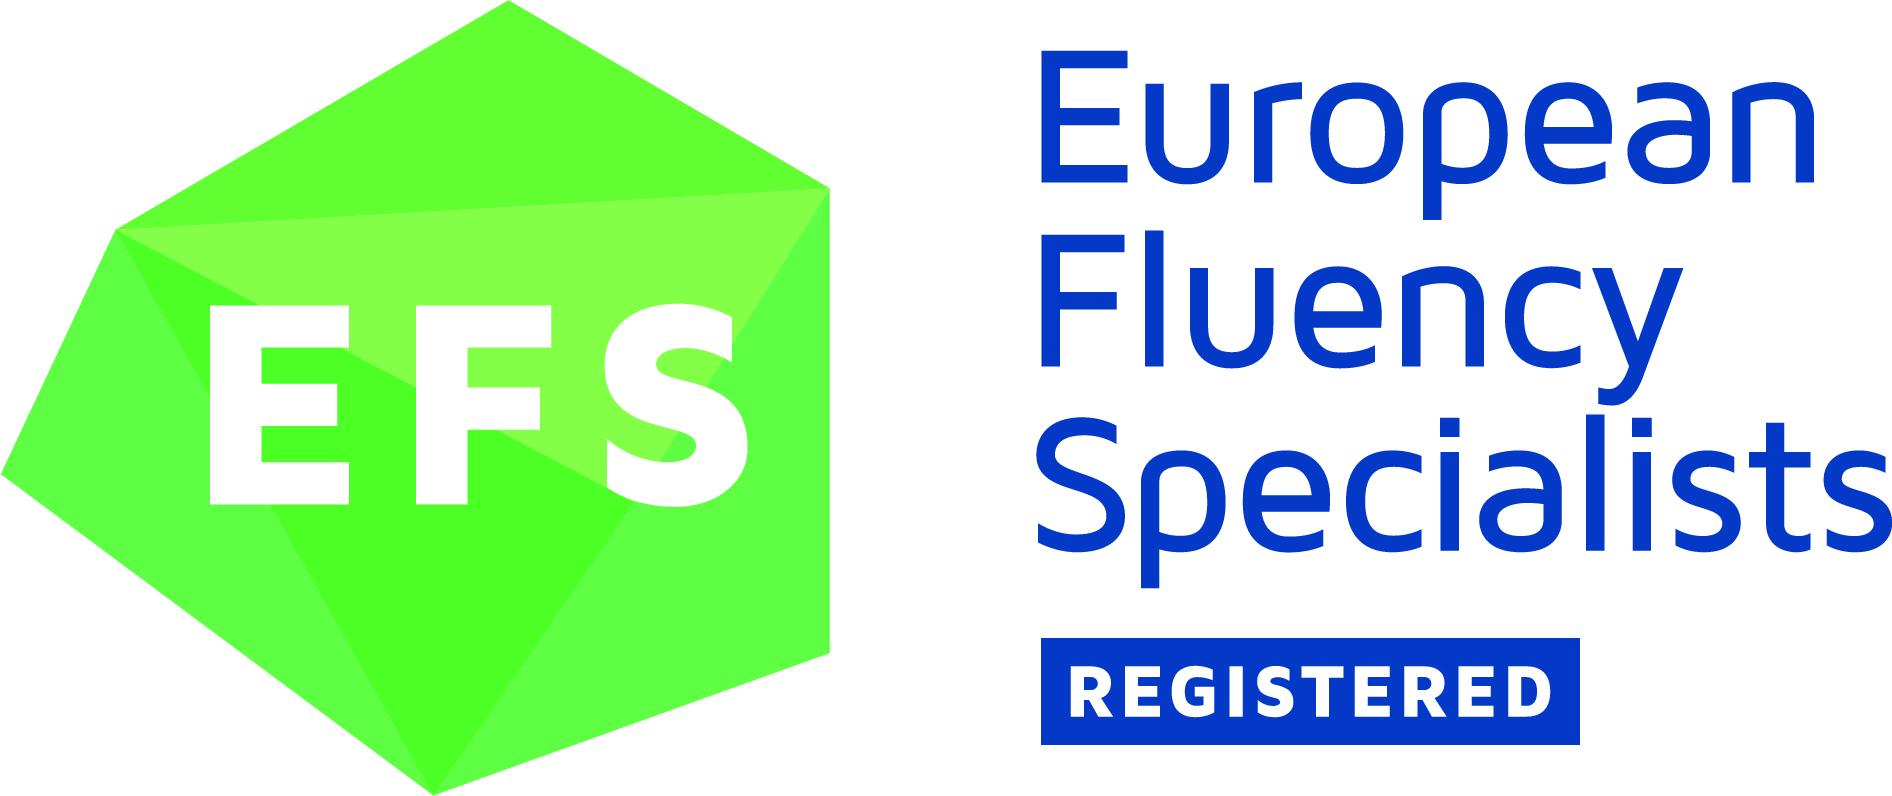 Πιστοποίηση European Fluency Specialist (EFS)